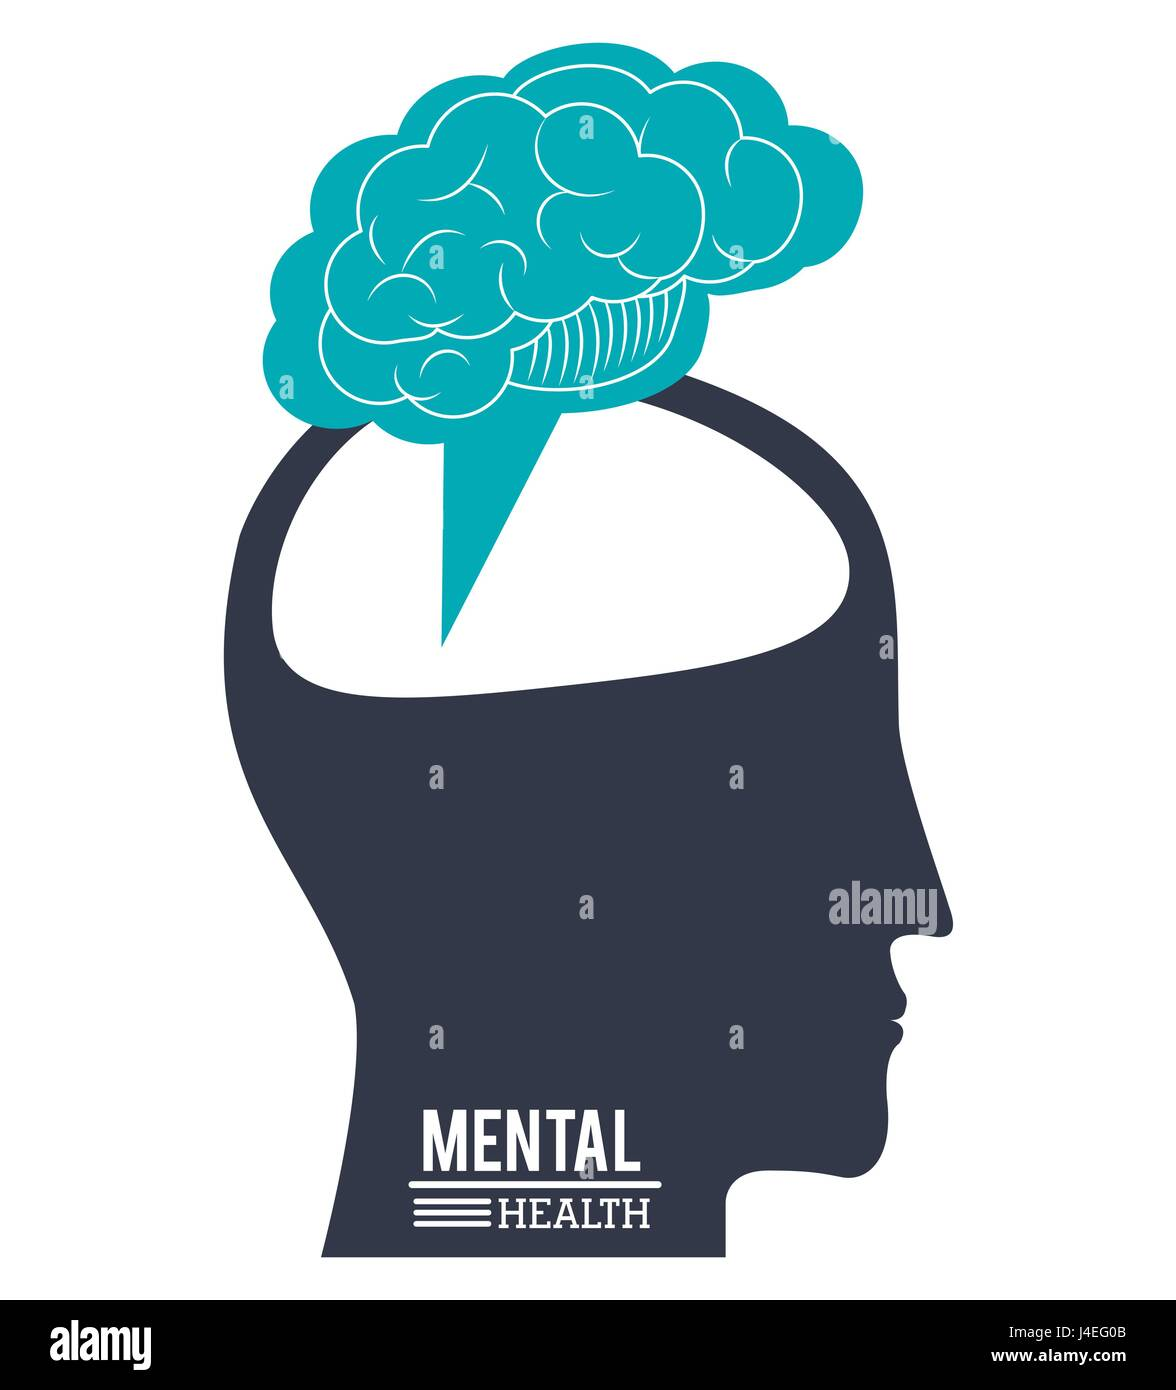 Cabeza humana el cerebro, la salud mental, el progreso de la innovación El diseño Imagen De Stock